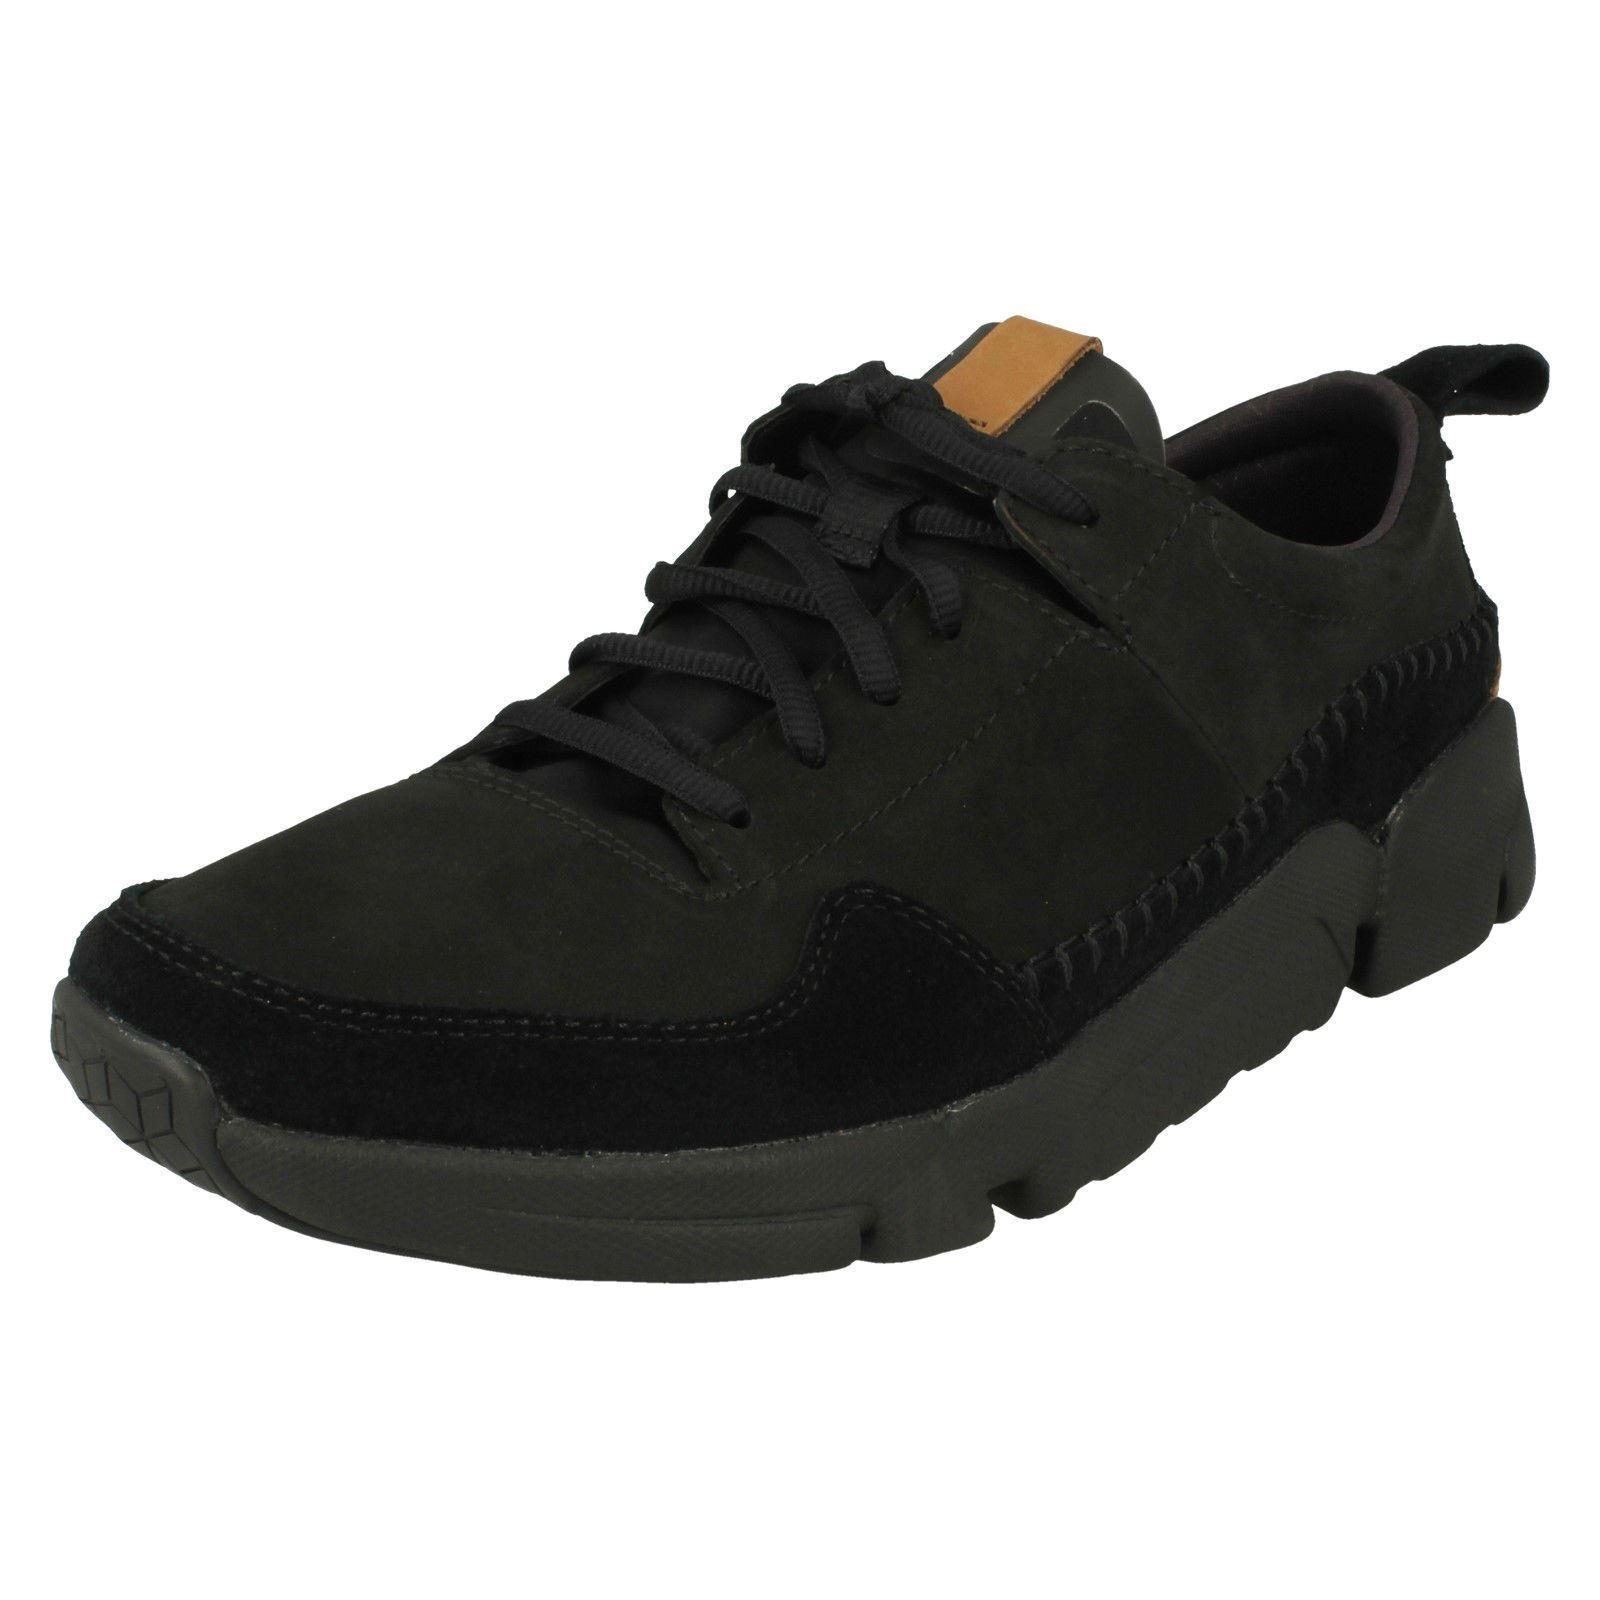 Hombre Clarks Trigenic - Tri Active Run Cuero Nobuk Zapatillas con Cordones